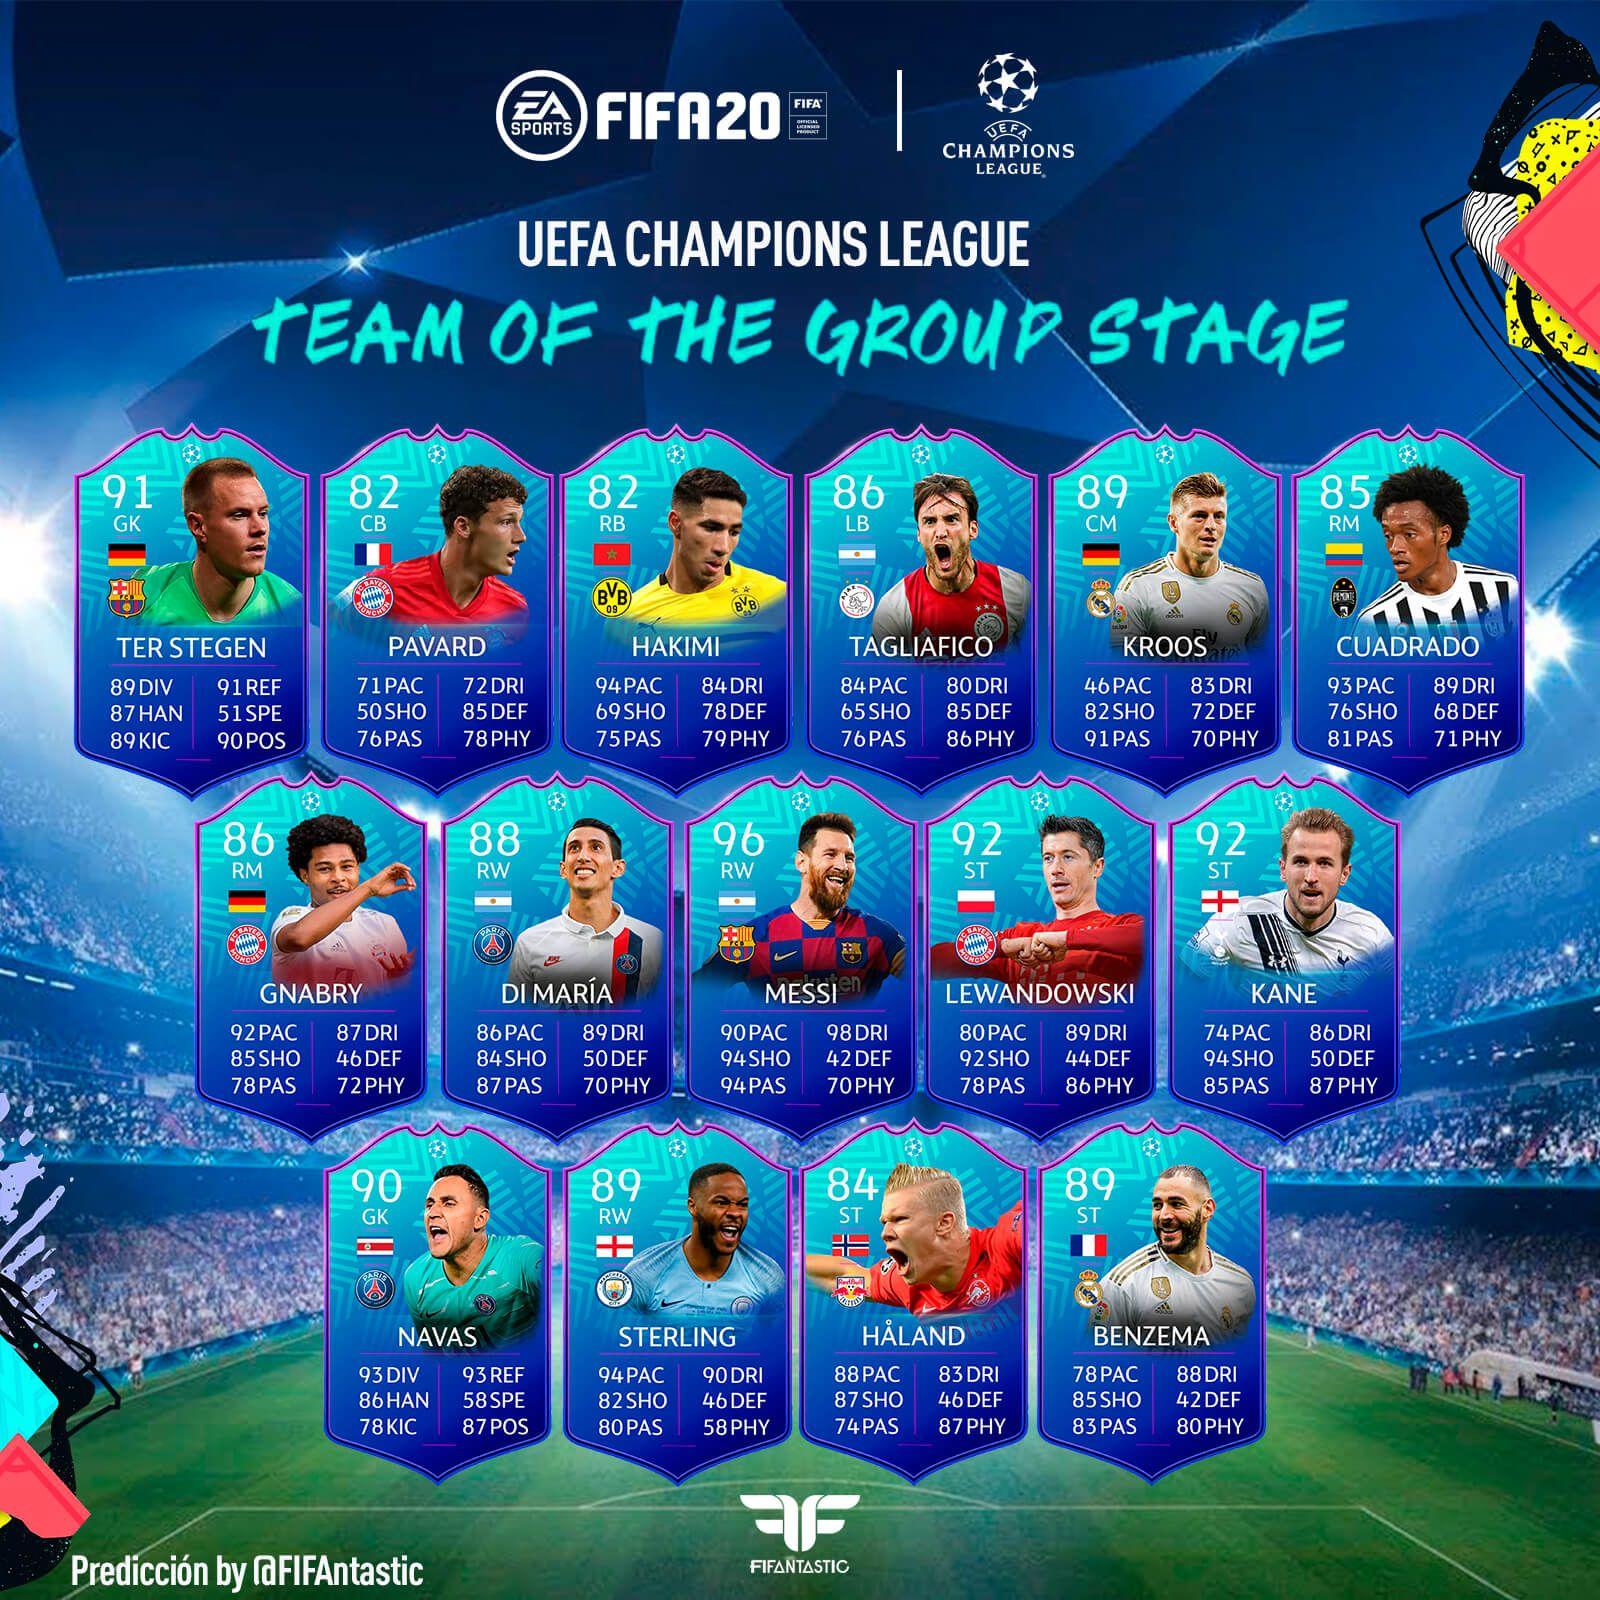 Predicción del TOTGS de FIFA 20 Ultimate Team